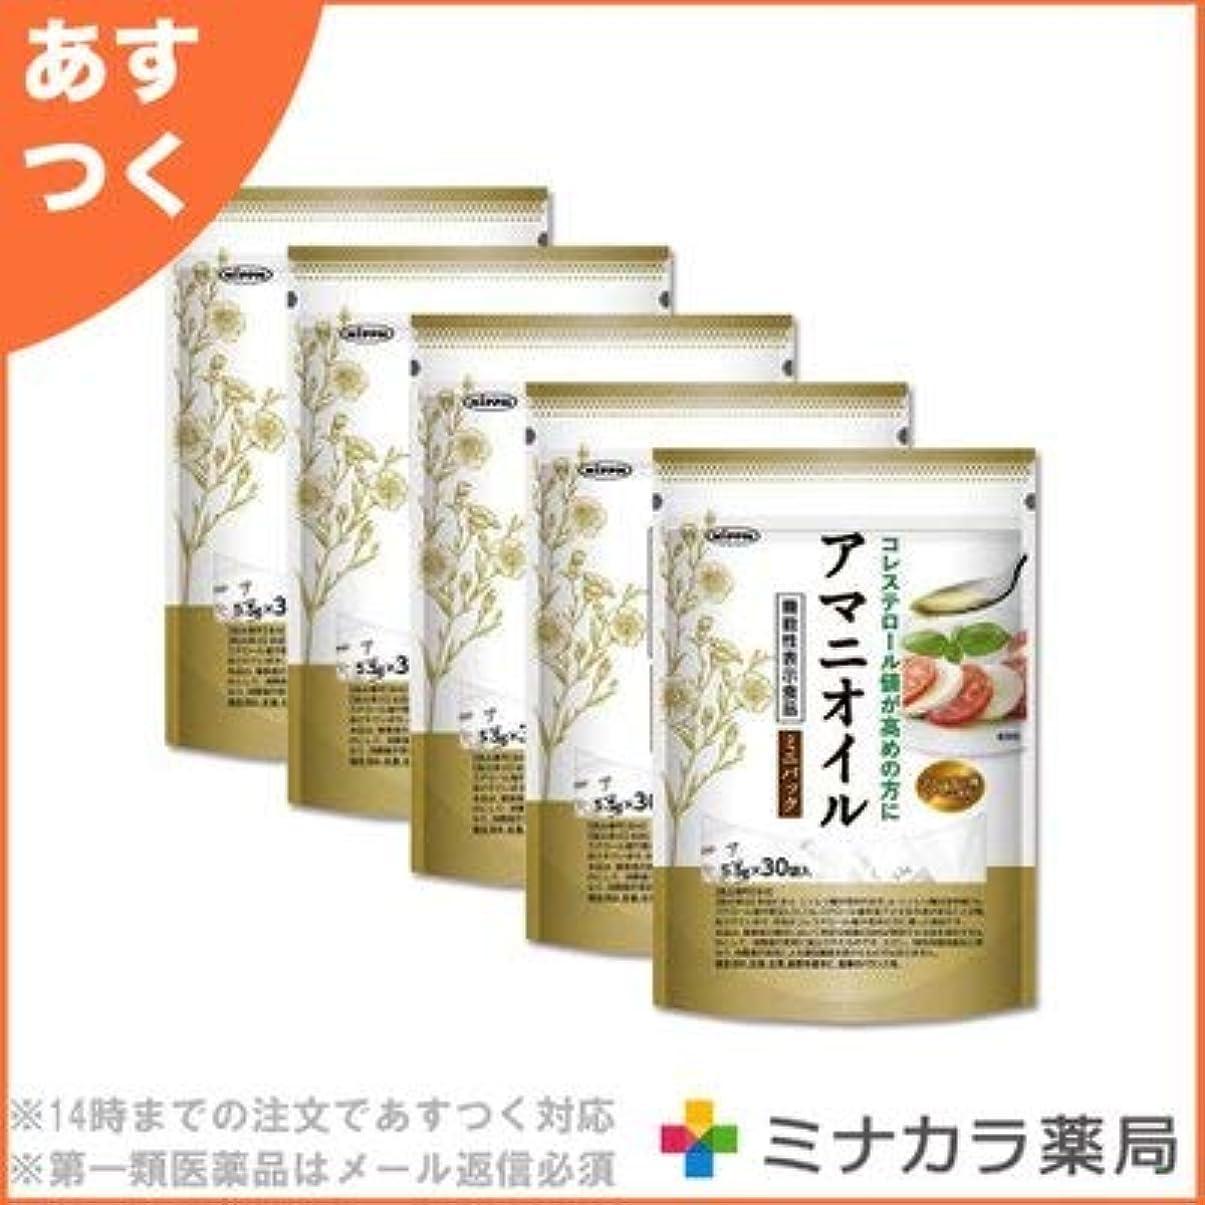 ブルゴーニュ効率的予測日本製粉 アマニオイル ミニパック 5.5g×30 (機能性表示食品)×5個セット